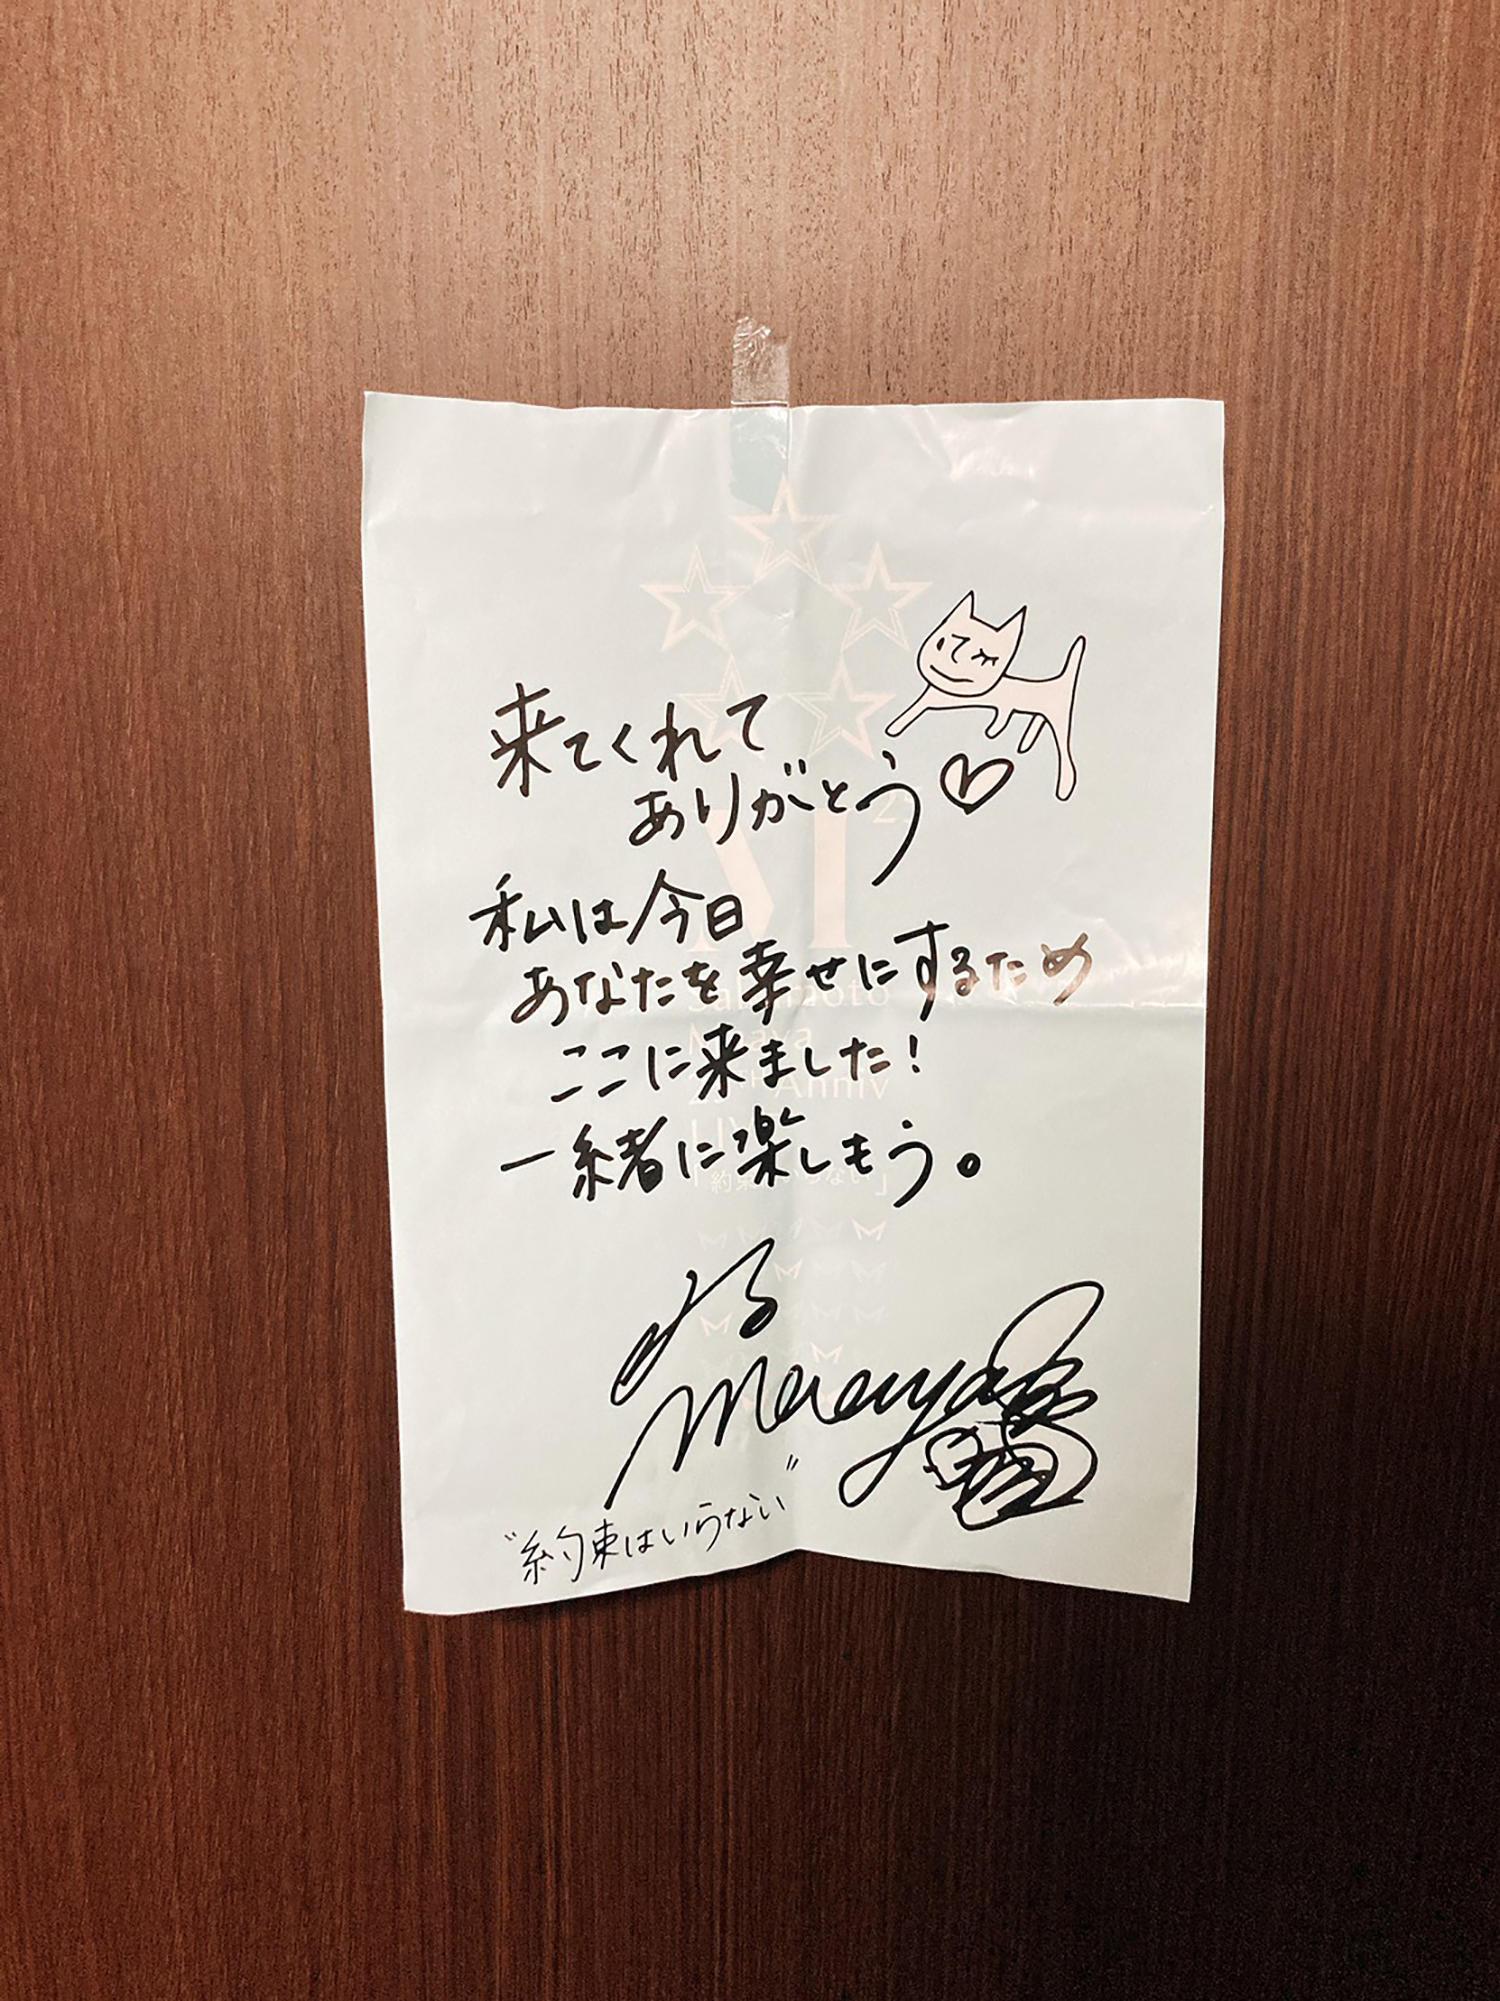 sakamotomaaya_yourness_20210408.jpg